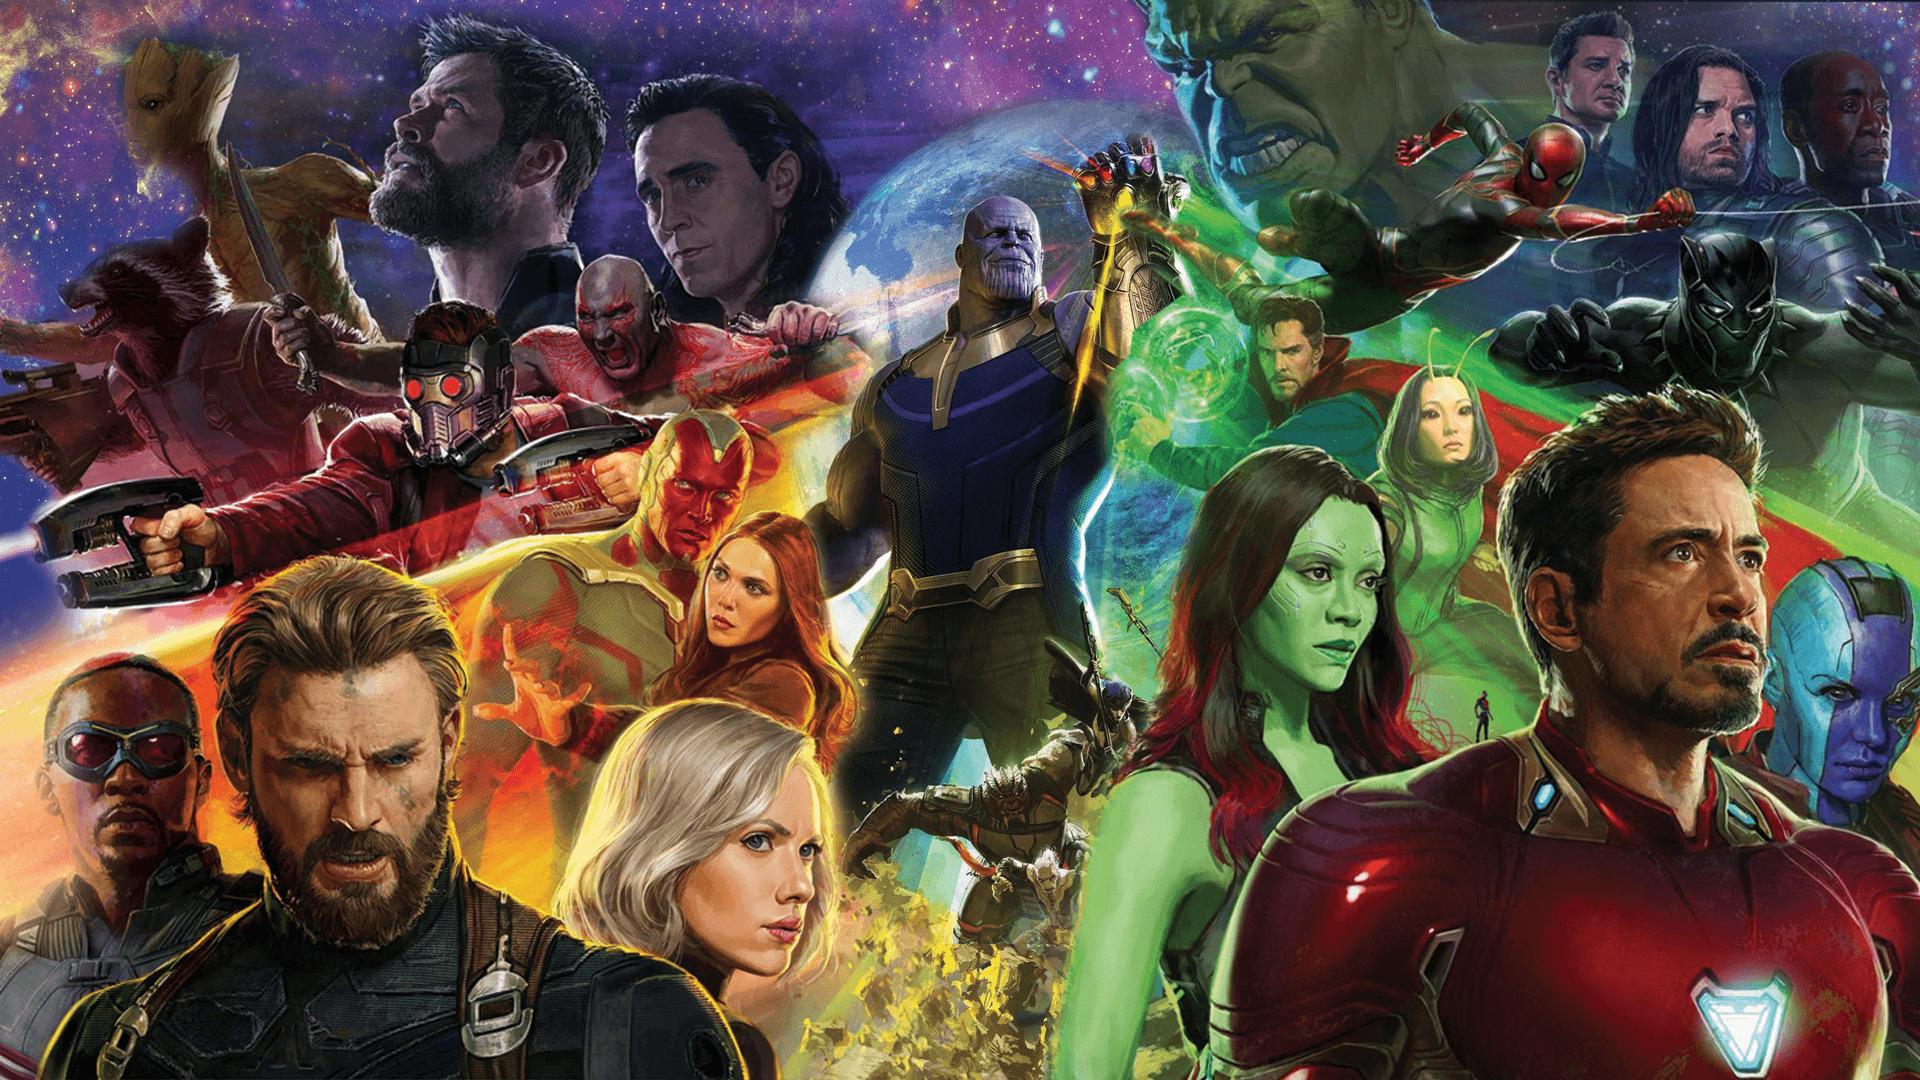 An Avengers Infinity War movie poster